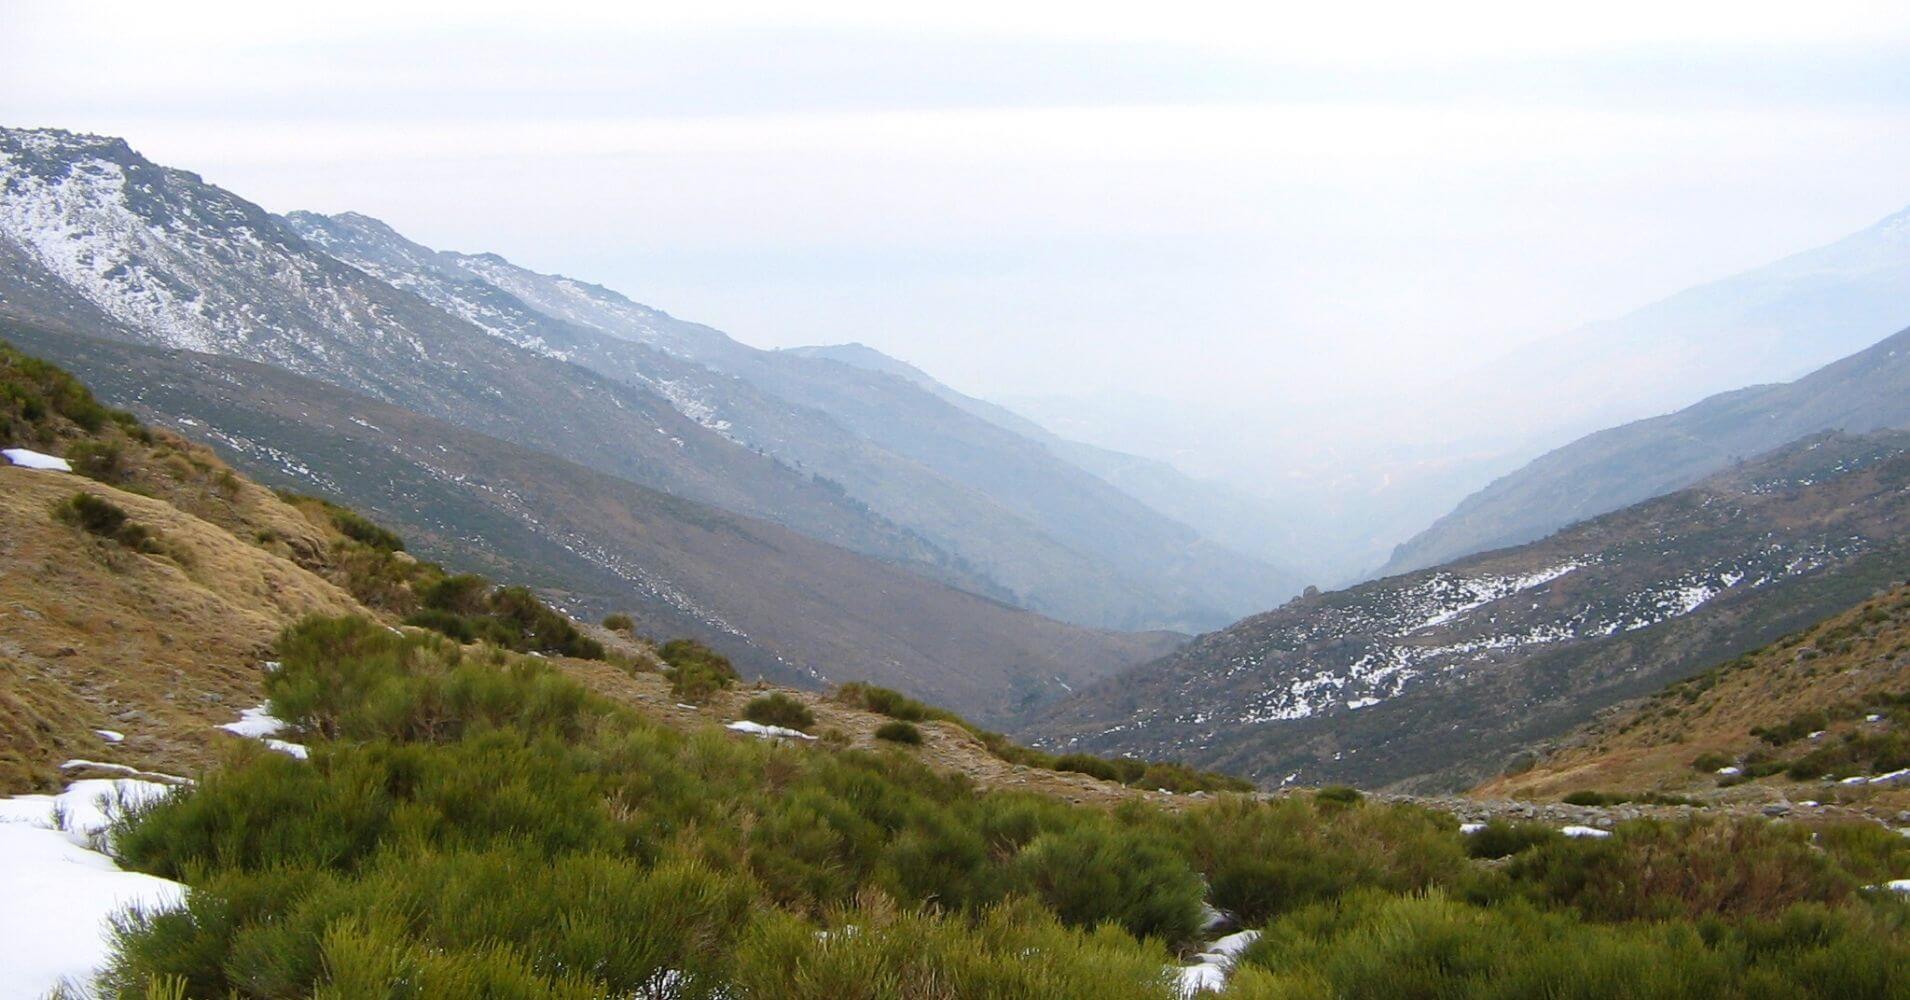 Puerto de Lagarejo. Sierra de Gredos. Pedro Bernardo, Ávila. Castilla y León.